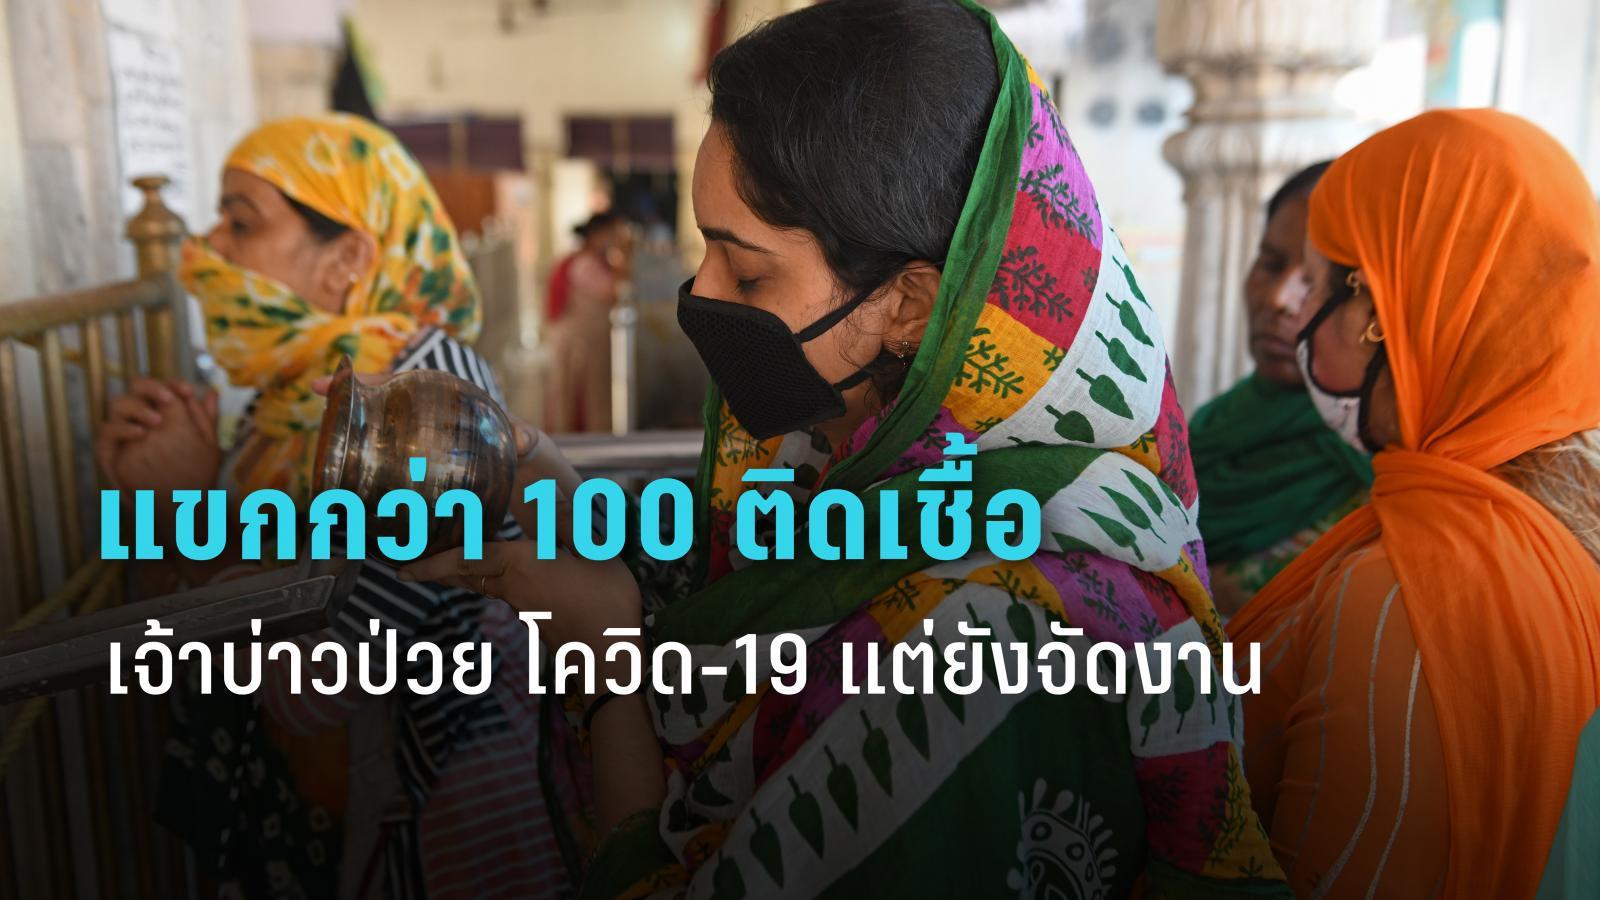 อินเดียจัดงานแต่งงานทั้งที่ เจ้าบ่าวป่วยโควิด-19 สุดท้ายเสียชีวิต ทำแขกกว่า 100 คนติดด้วย